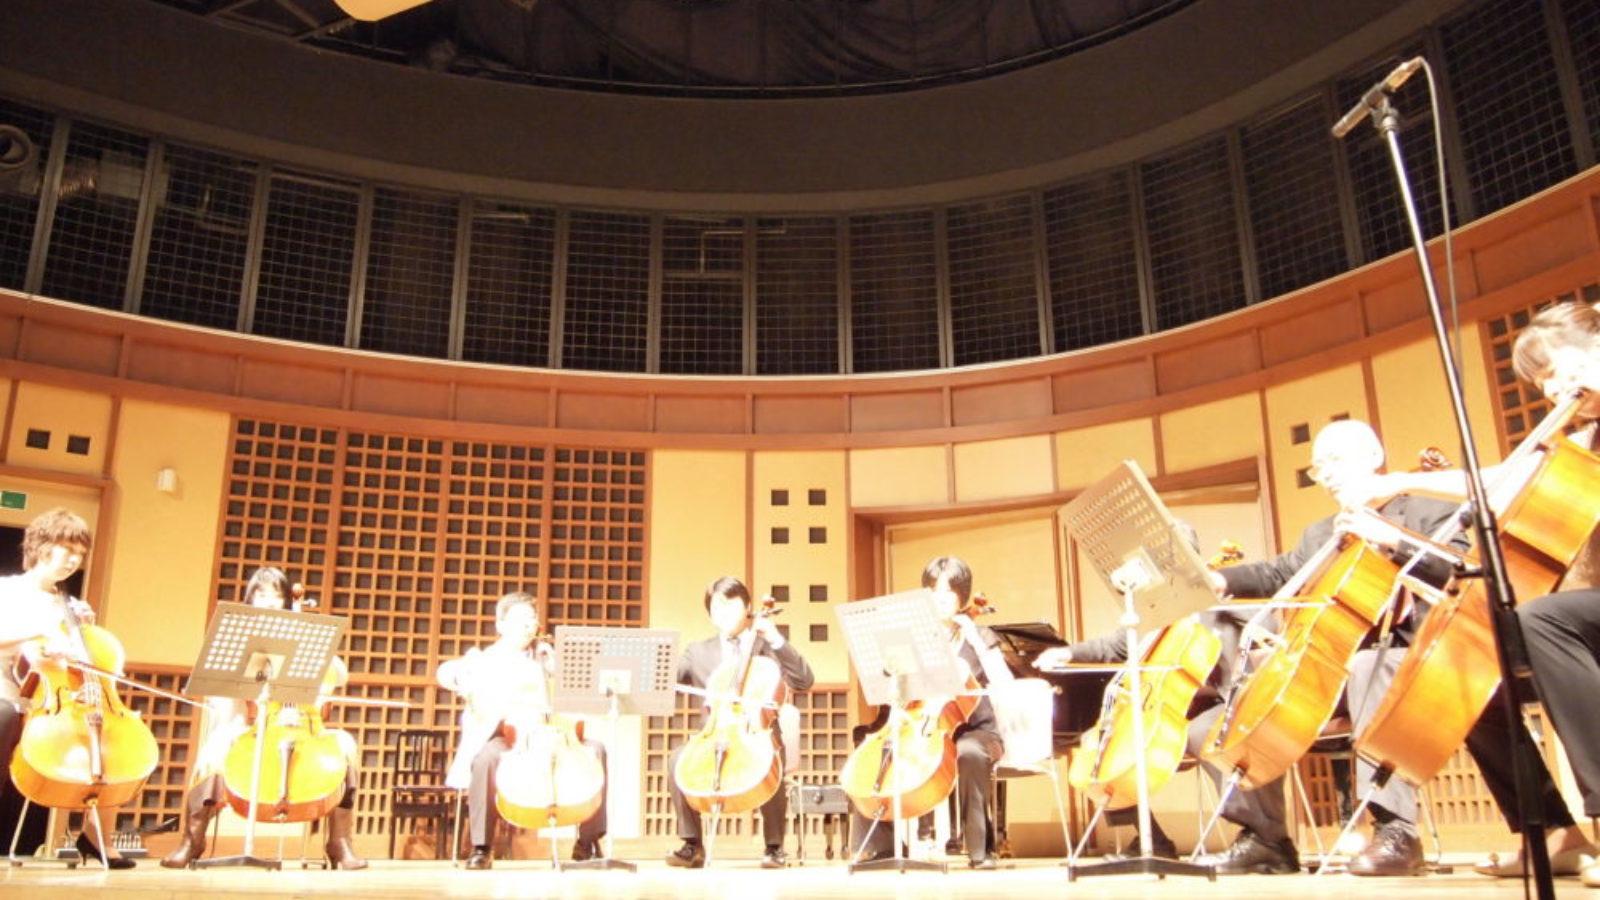 音楽教室(ピアノ教室)の生徒を増やすには?ほぼ放置で40人集めた方法をシェアします